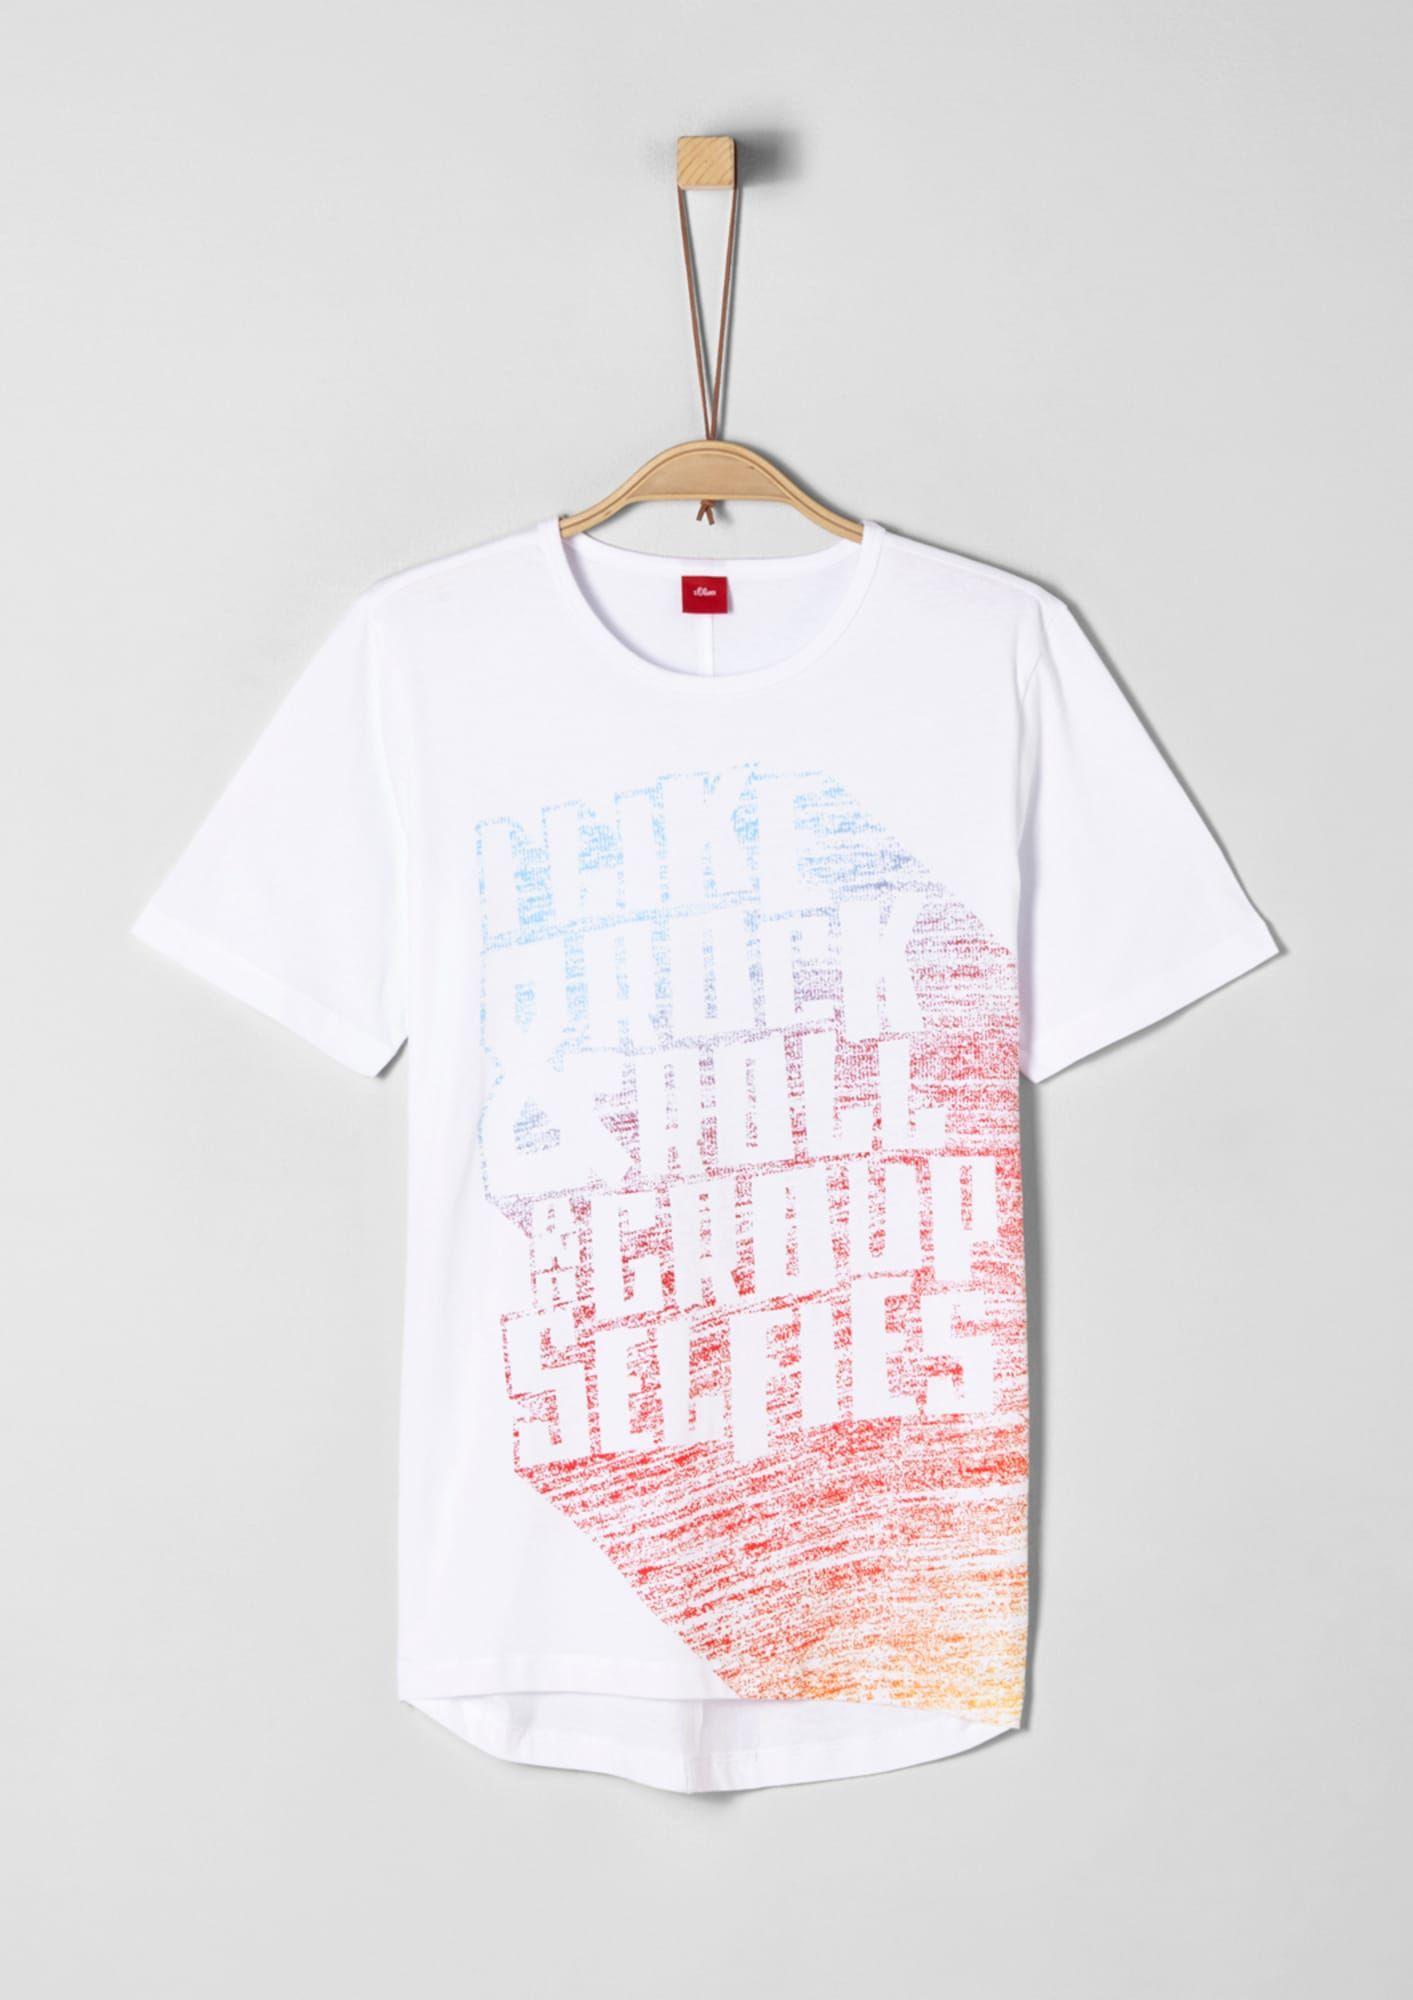 S Oliver Junior T Shirt Jungen Orange Rot Grosse 176 Kinder T Shirt S Oliver Und Shirts